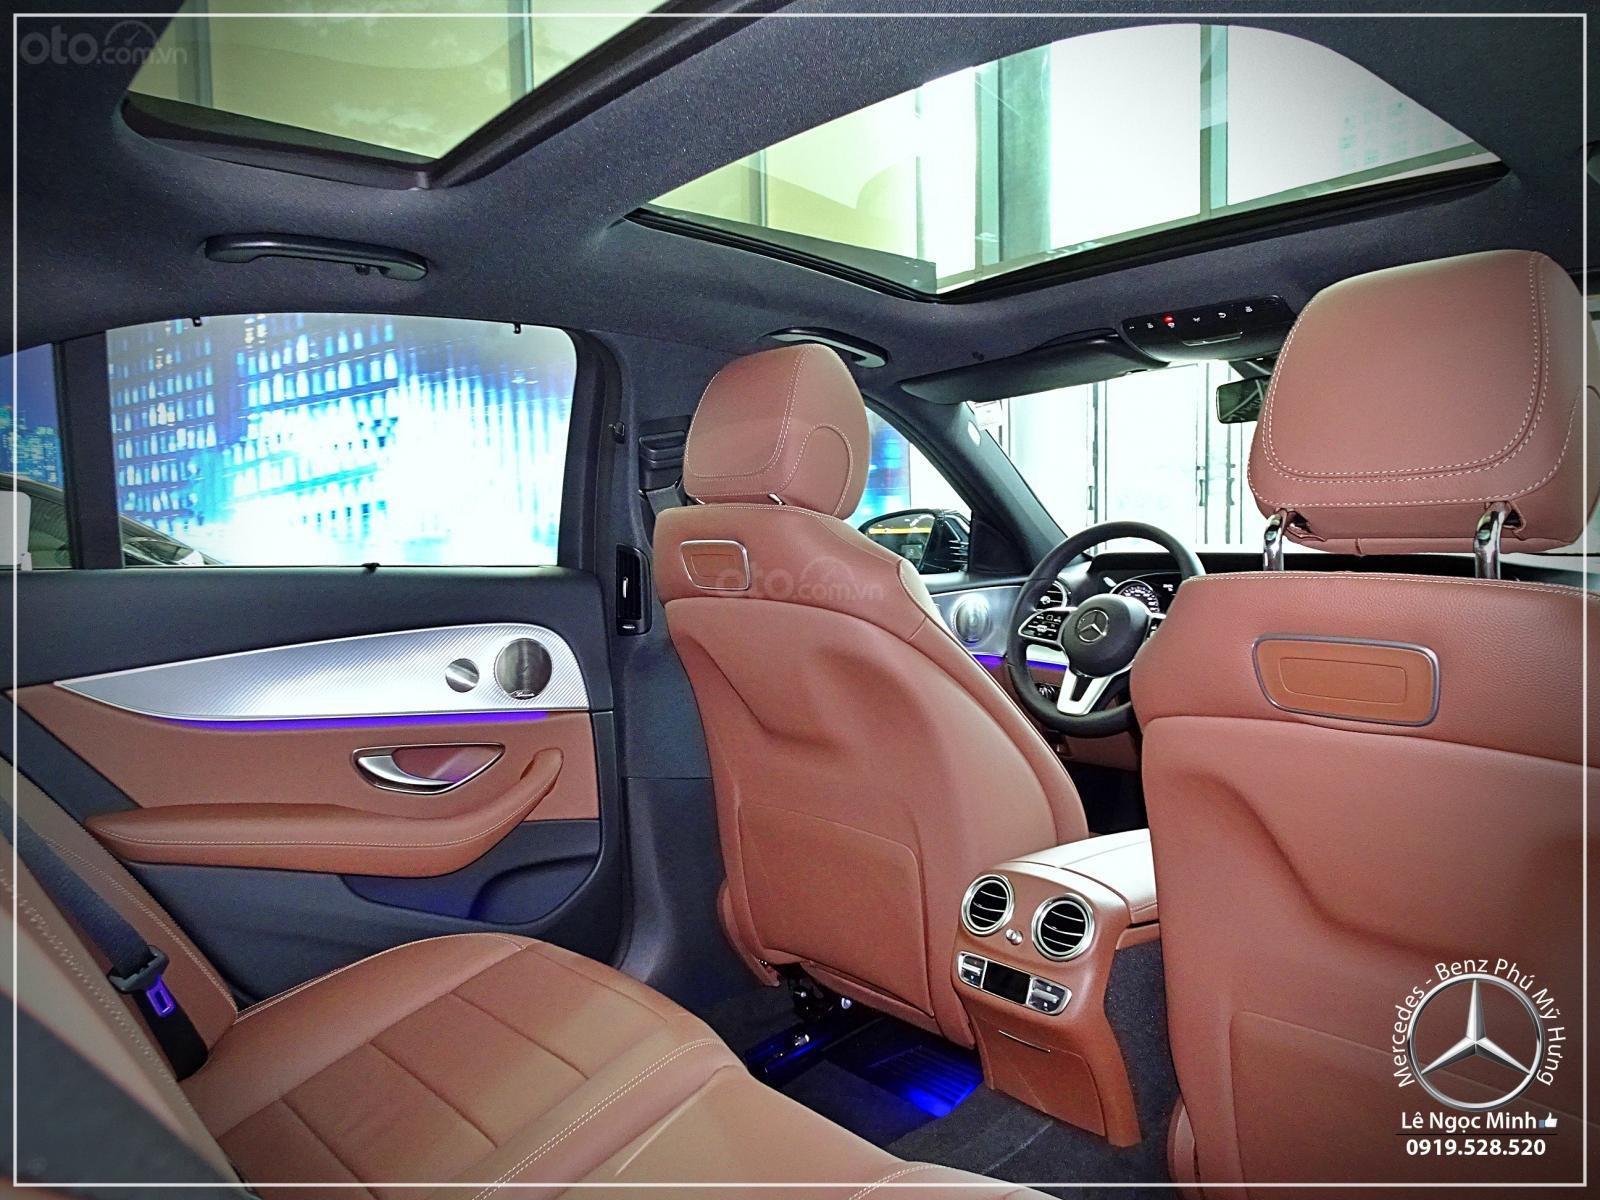 Bán xe Mercedes - Benz E200 Sport New 2020 - Hỗ trợ Bank 80%, xe giao ngay, ưu đãi tốt, LH 0919 528 520 (6)